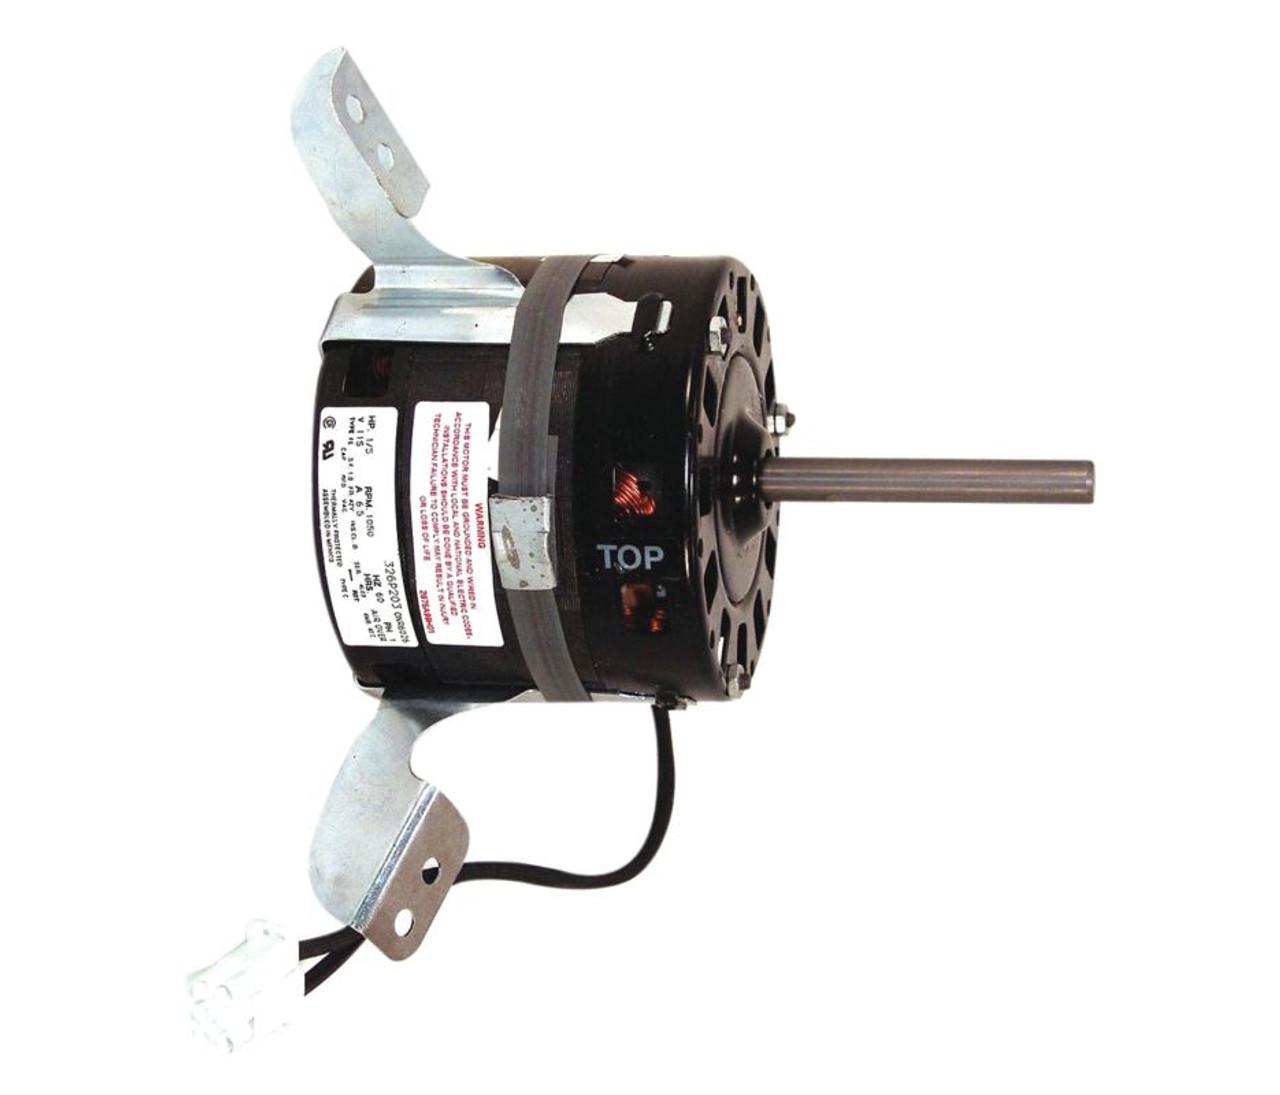 miller lsi home nordyne furnace motor 1 5 hp 1050 rpm 115v century oml6435 [ 1280 x 1095 Pixel ]